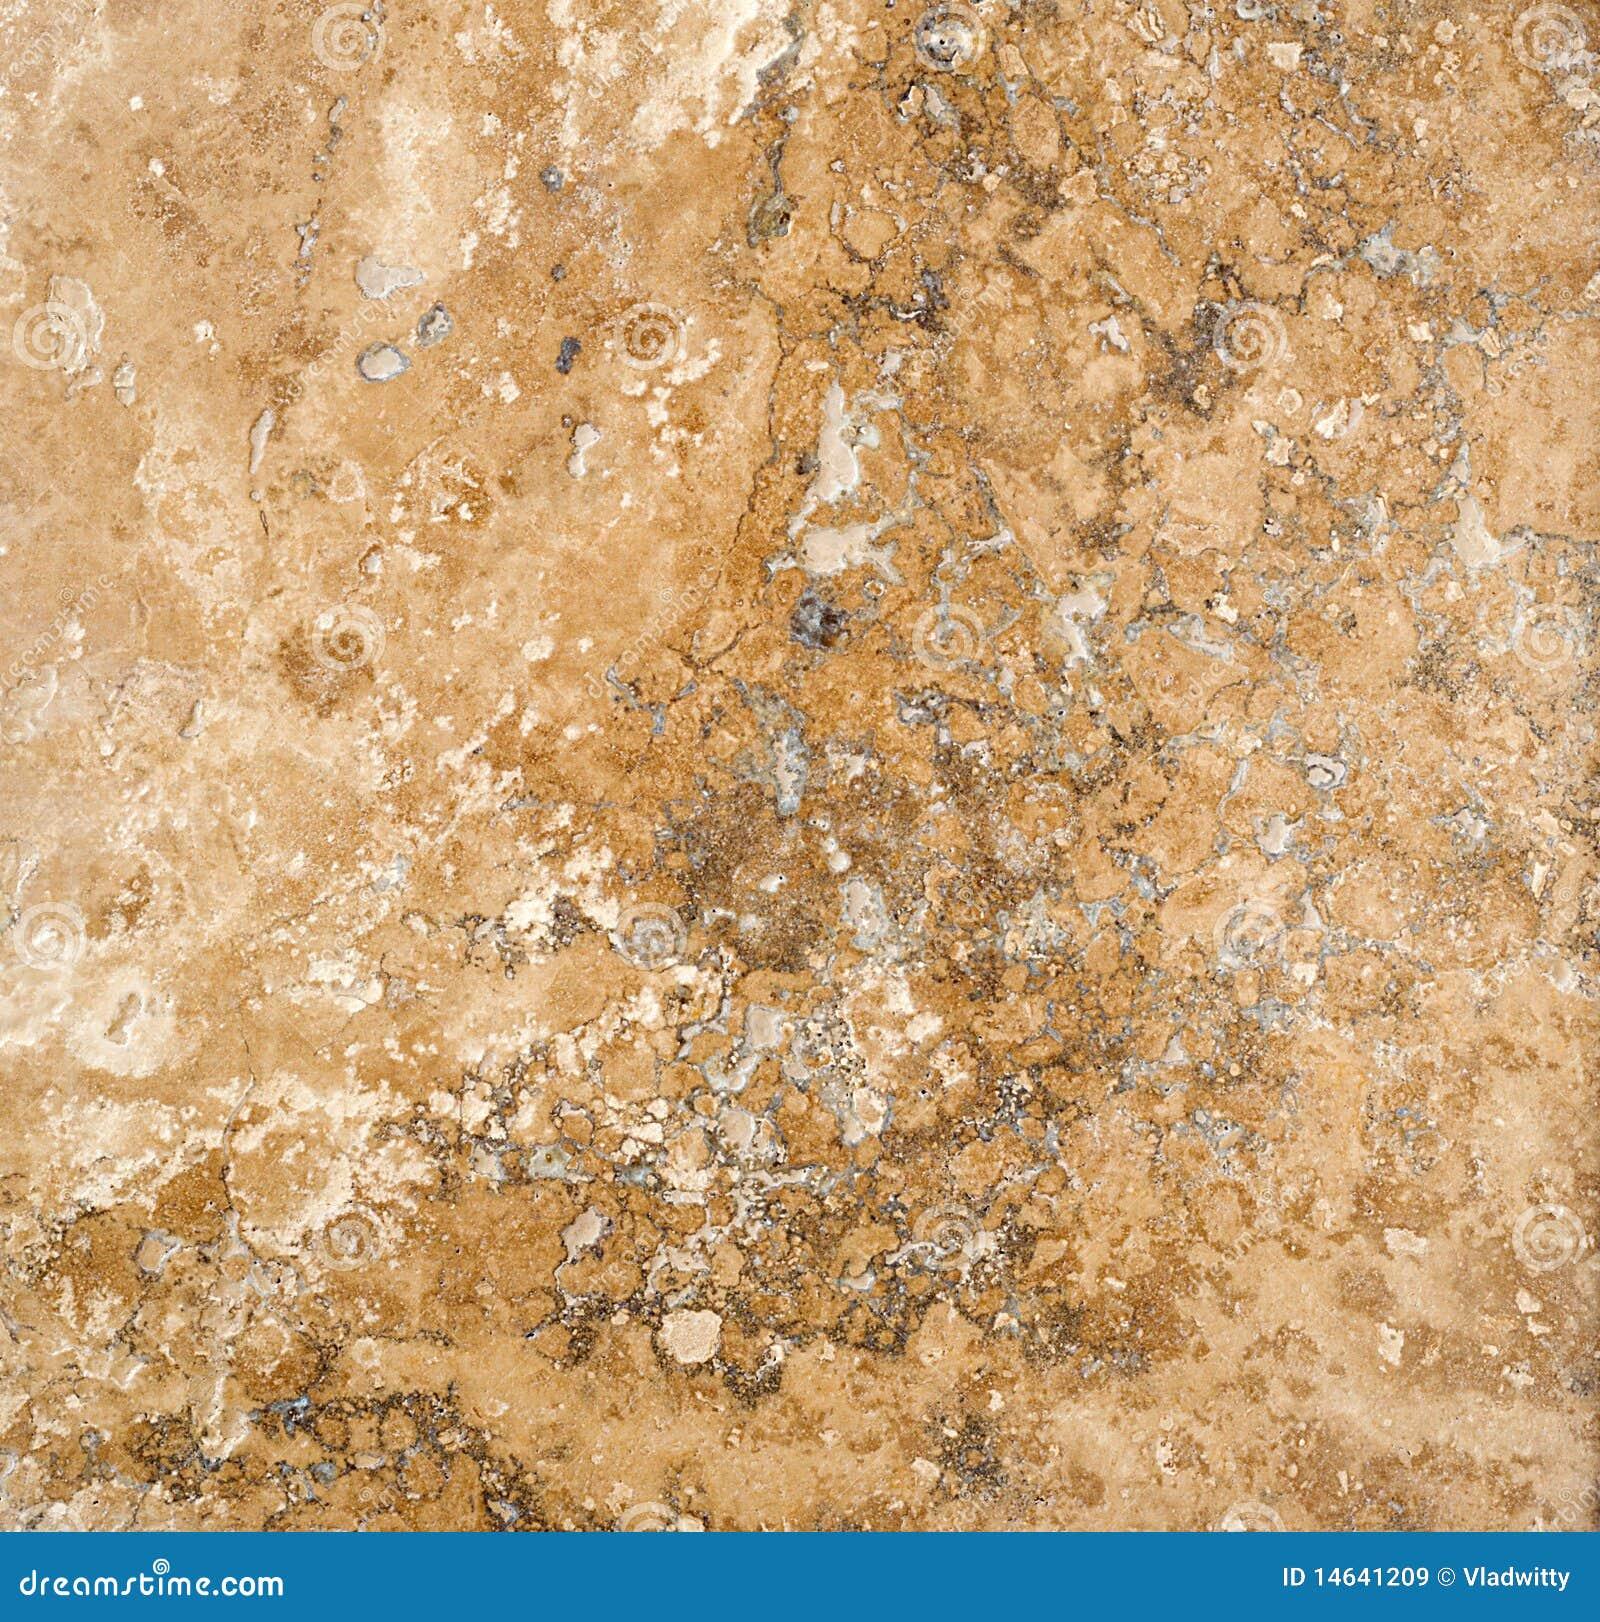 Texturas del m rmol y del travertino imagen de archivo for Imagenes de marmol travertino